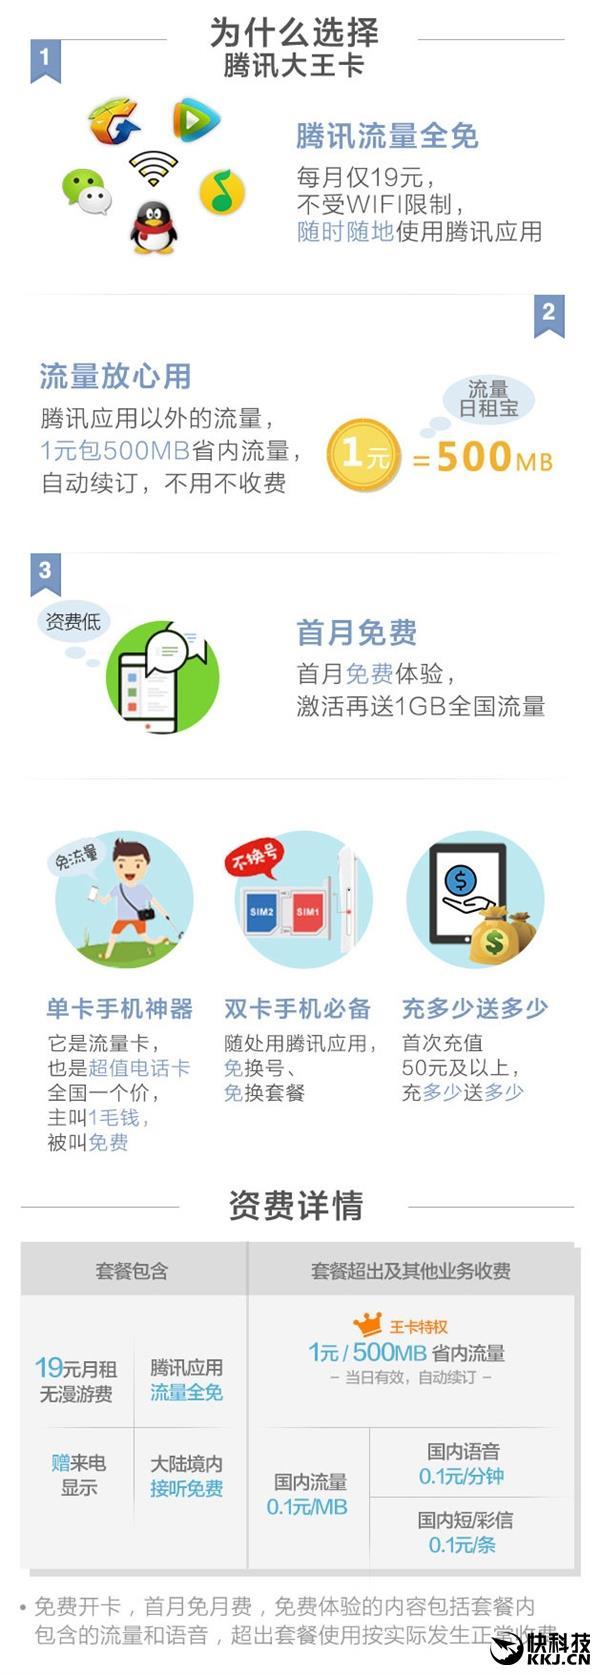 每月19元!腾讯大王卡终于实现QQ微信视频流量全免